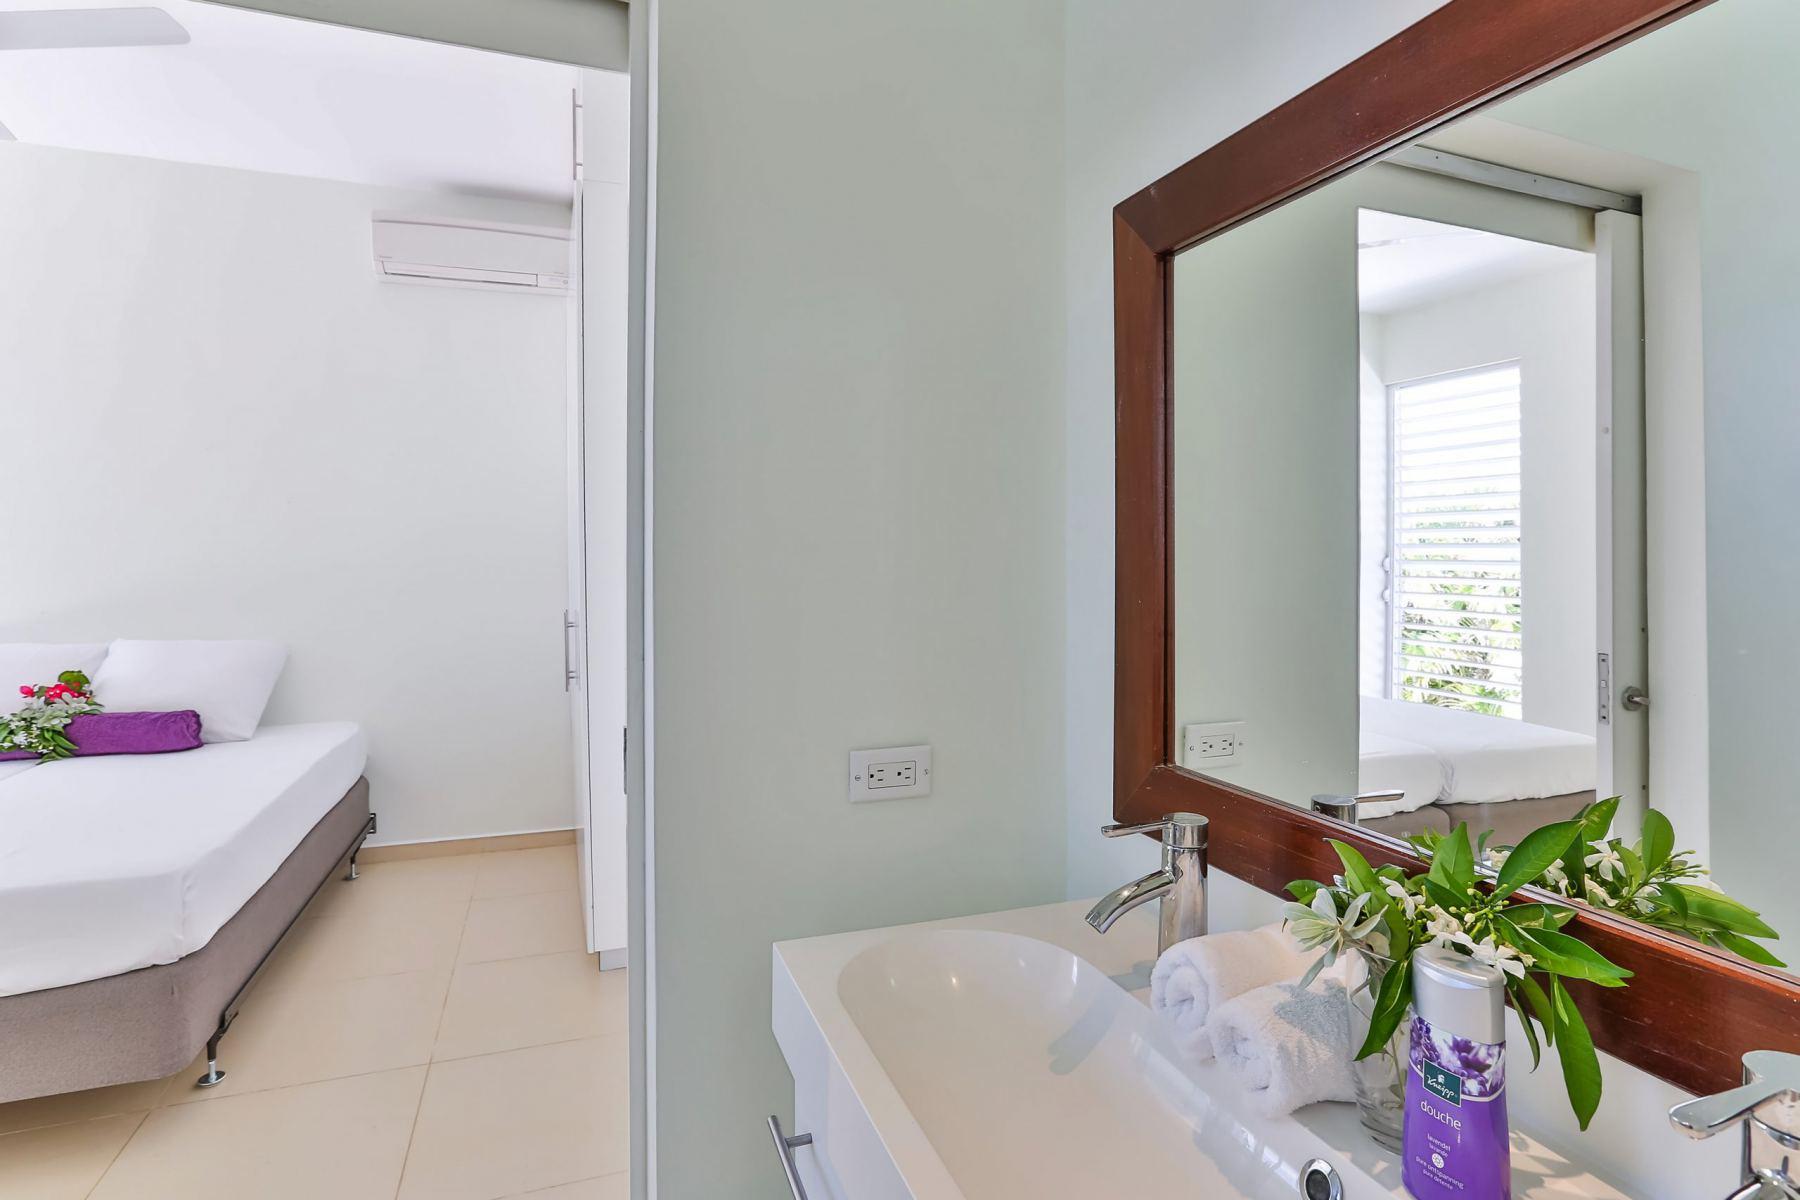 Slaapkamer-2-met-badkamer-scaled